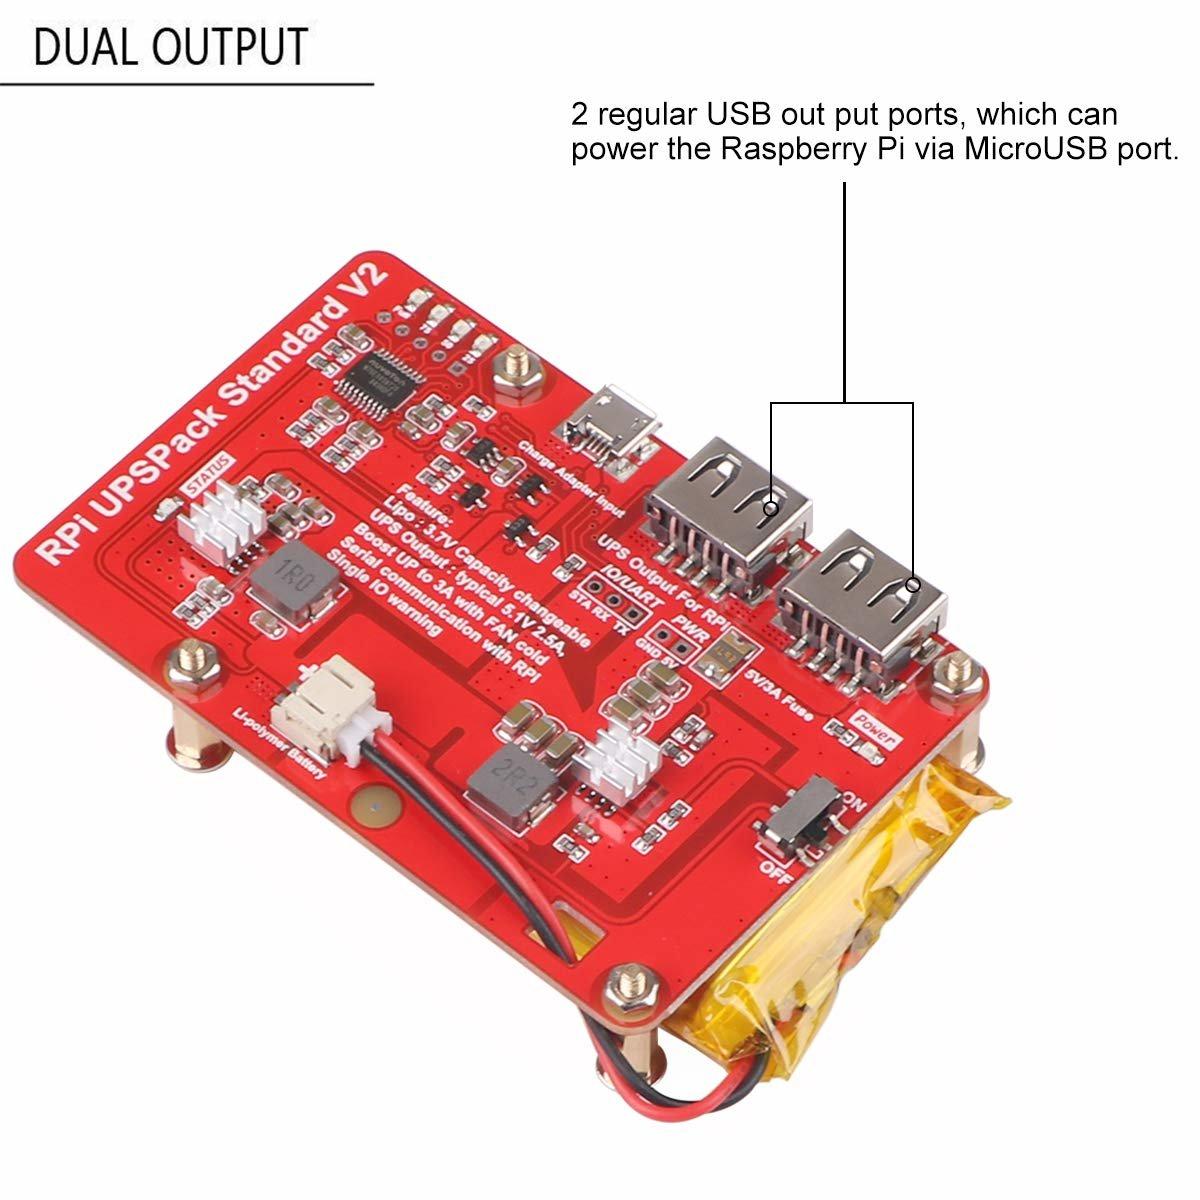 樹莓派 UPS 鋰電池擴充板 | USB 雙輸出電源供應模組 (V2)-preview-5